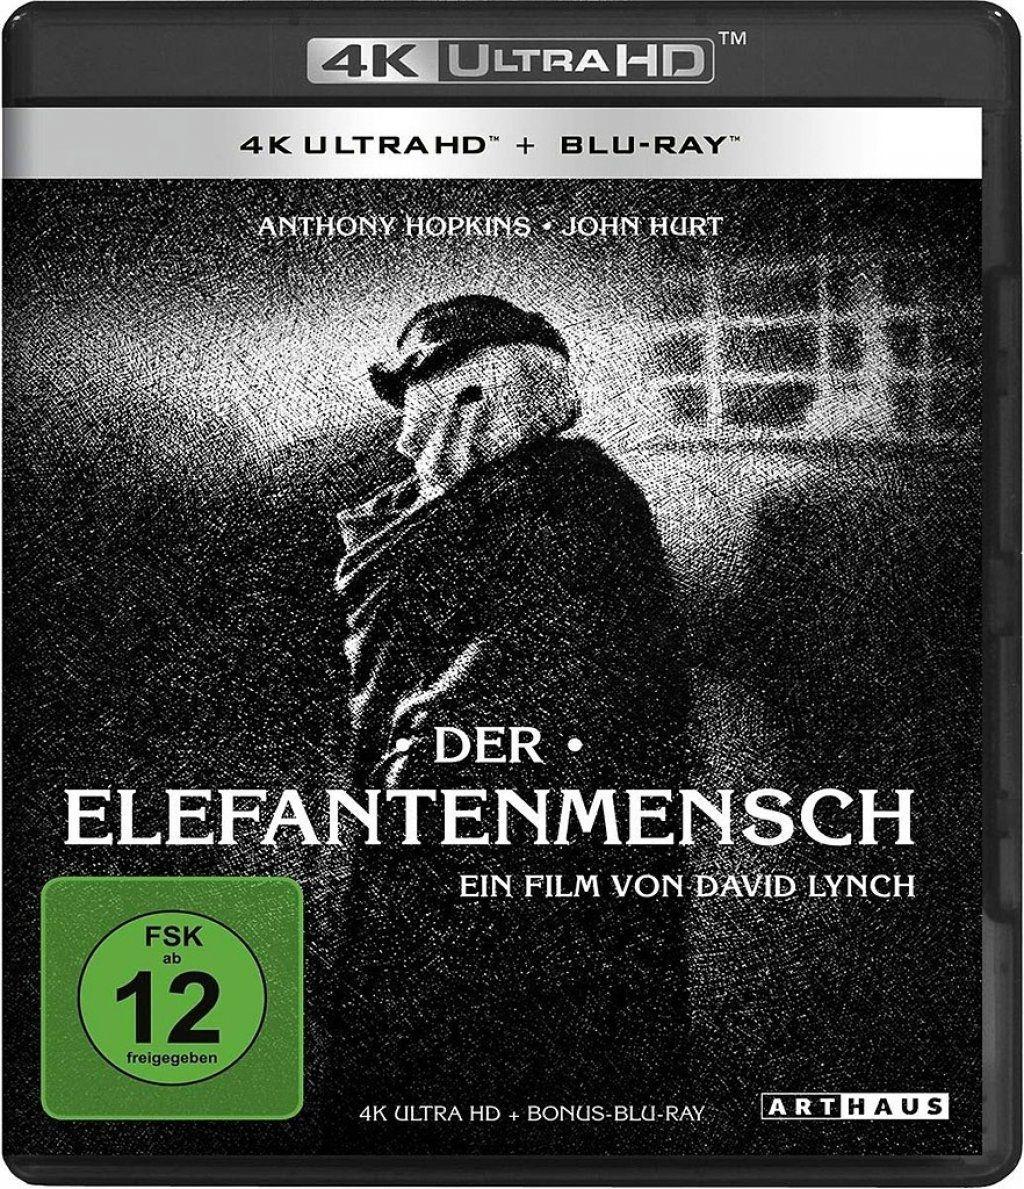 Elefantenmensch, Der (3 Discs) (UHD BLURAY + BLURAY)